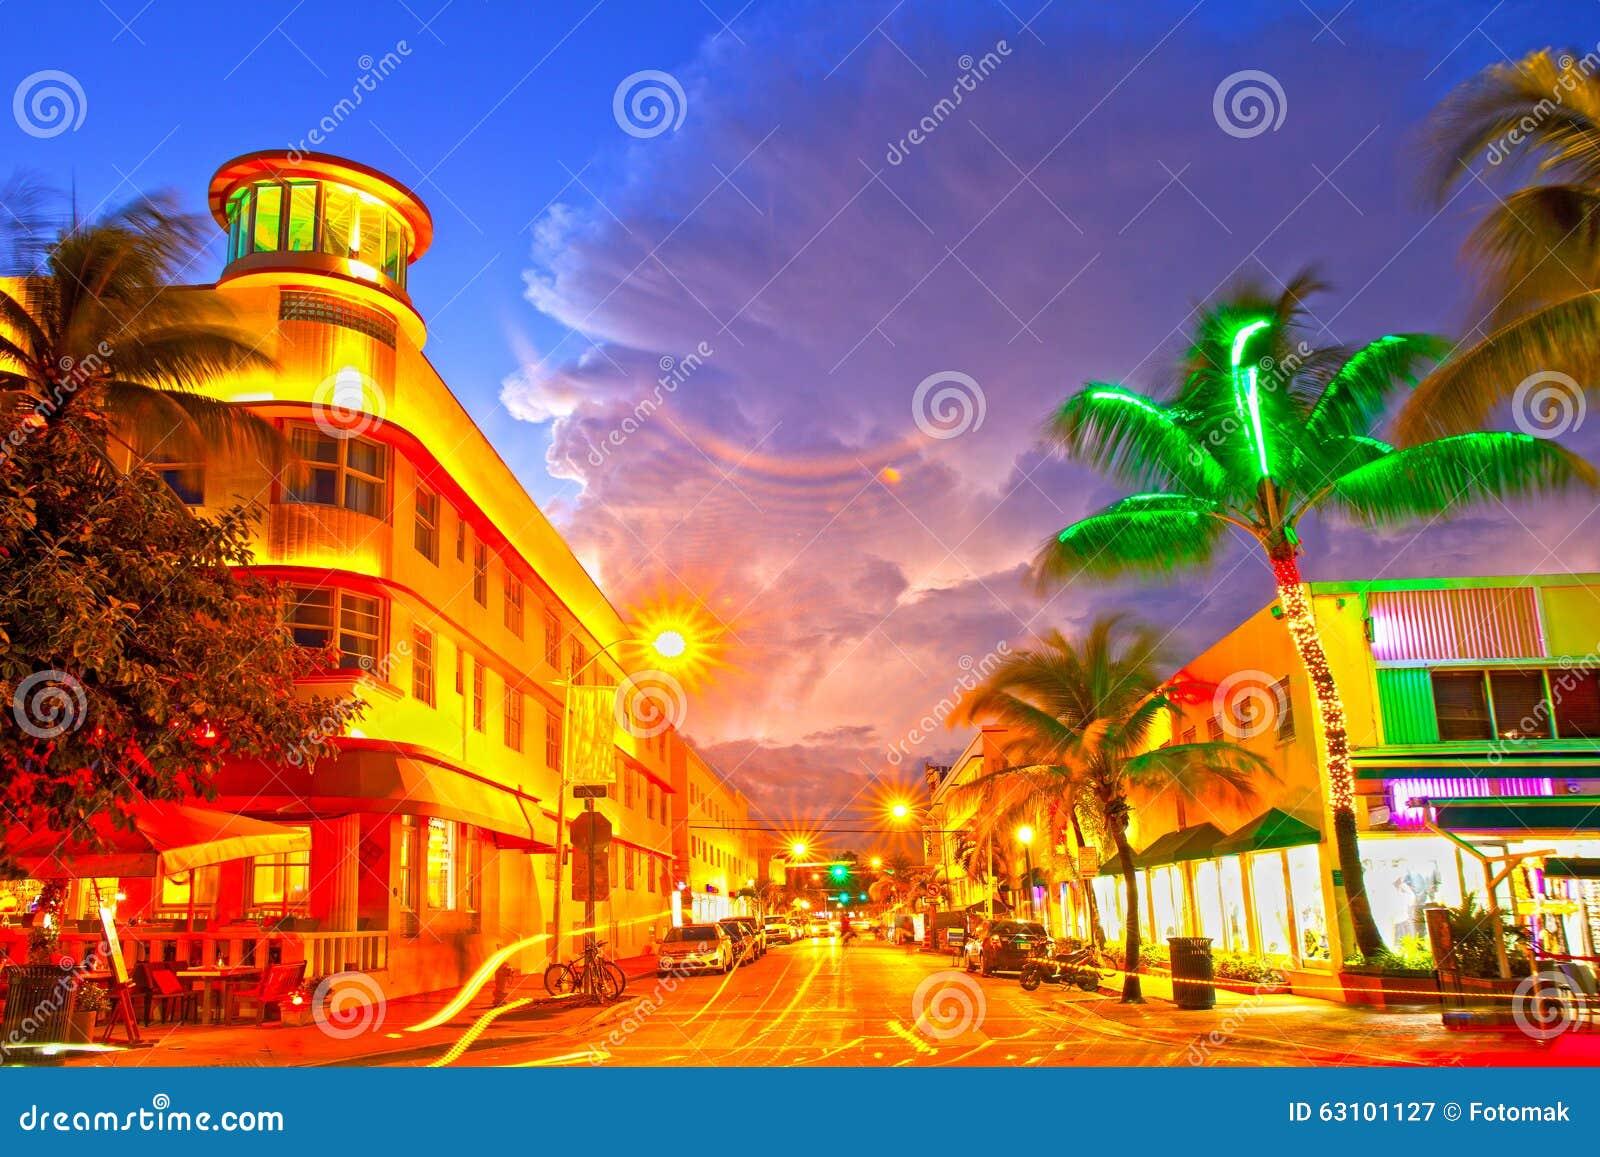 Kör hotell Miami Beach, Florida för rörande trafik och restauranger på solnedgången på havet